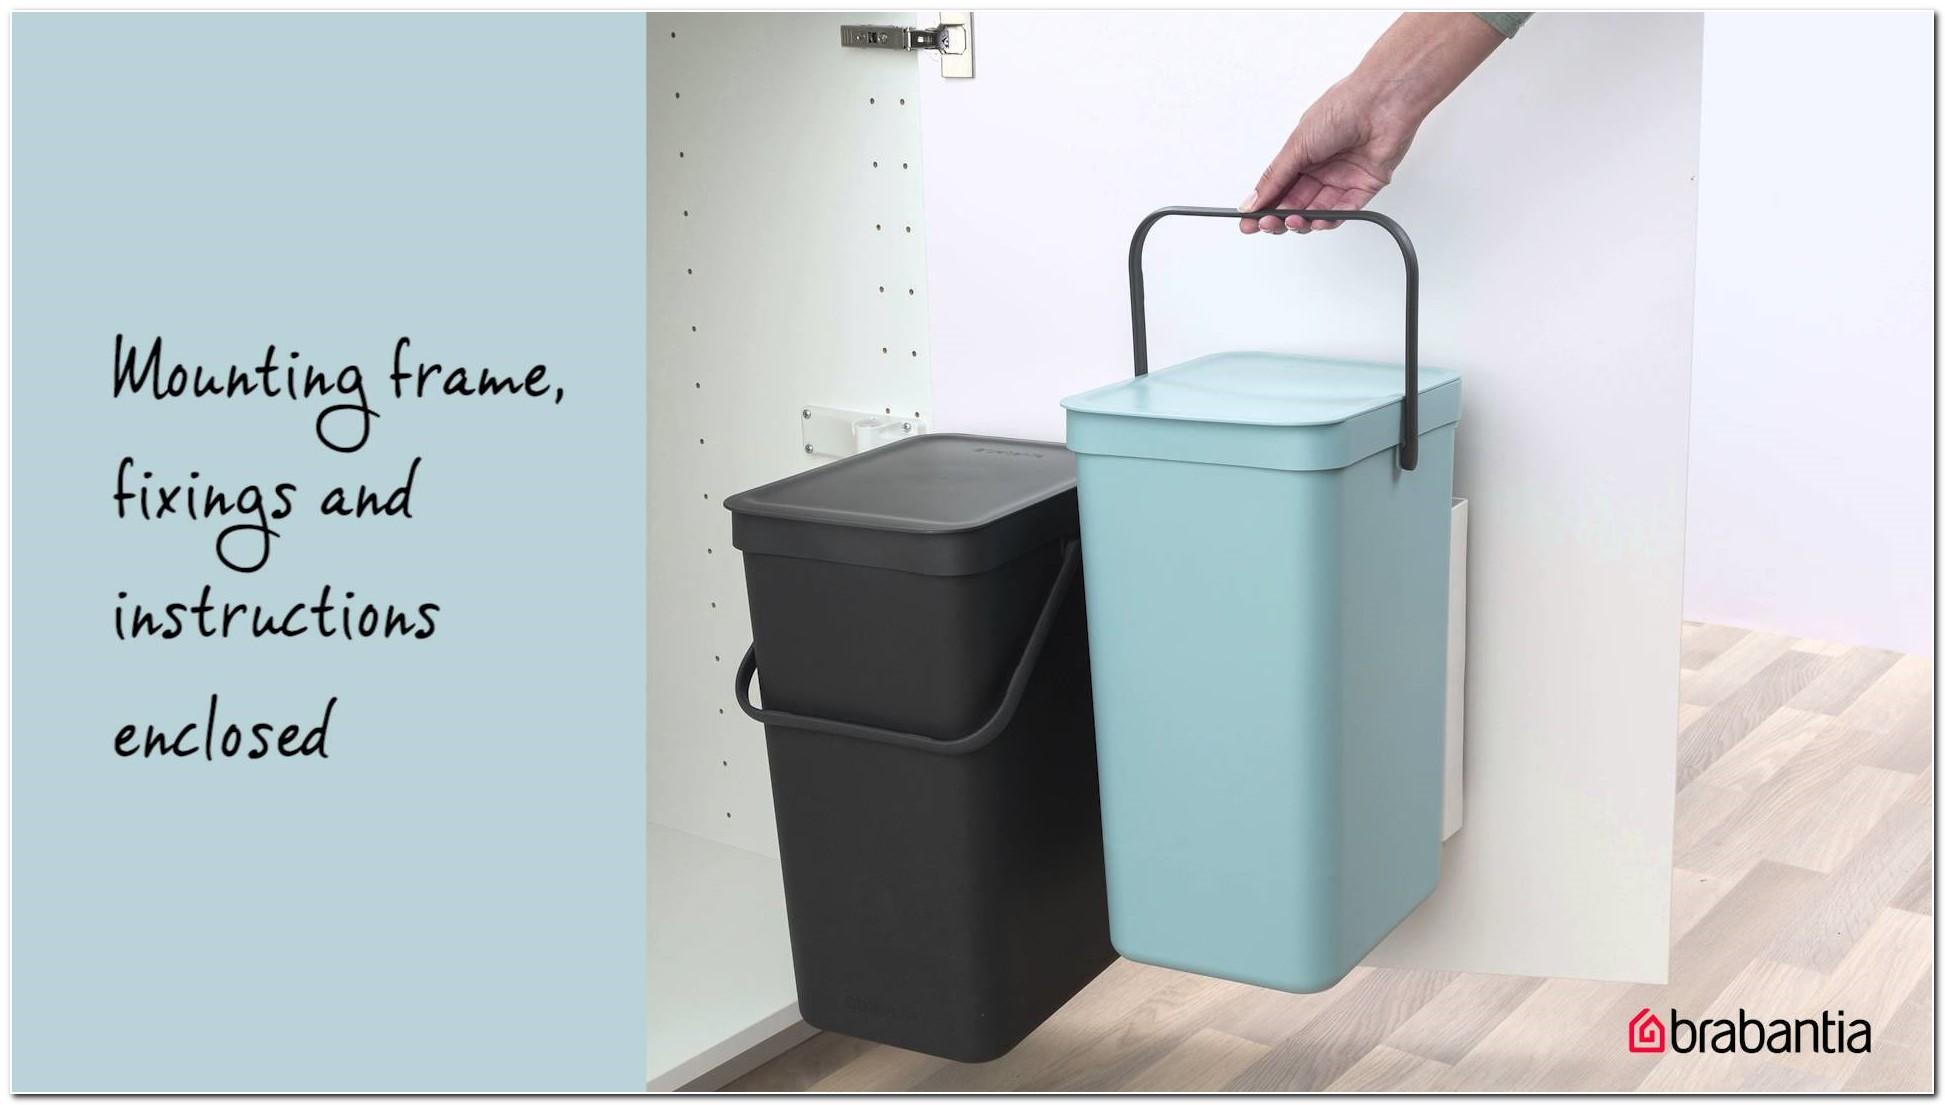 Brabantia Under Sink Waste Bins